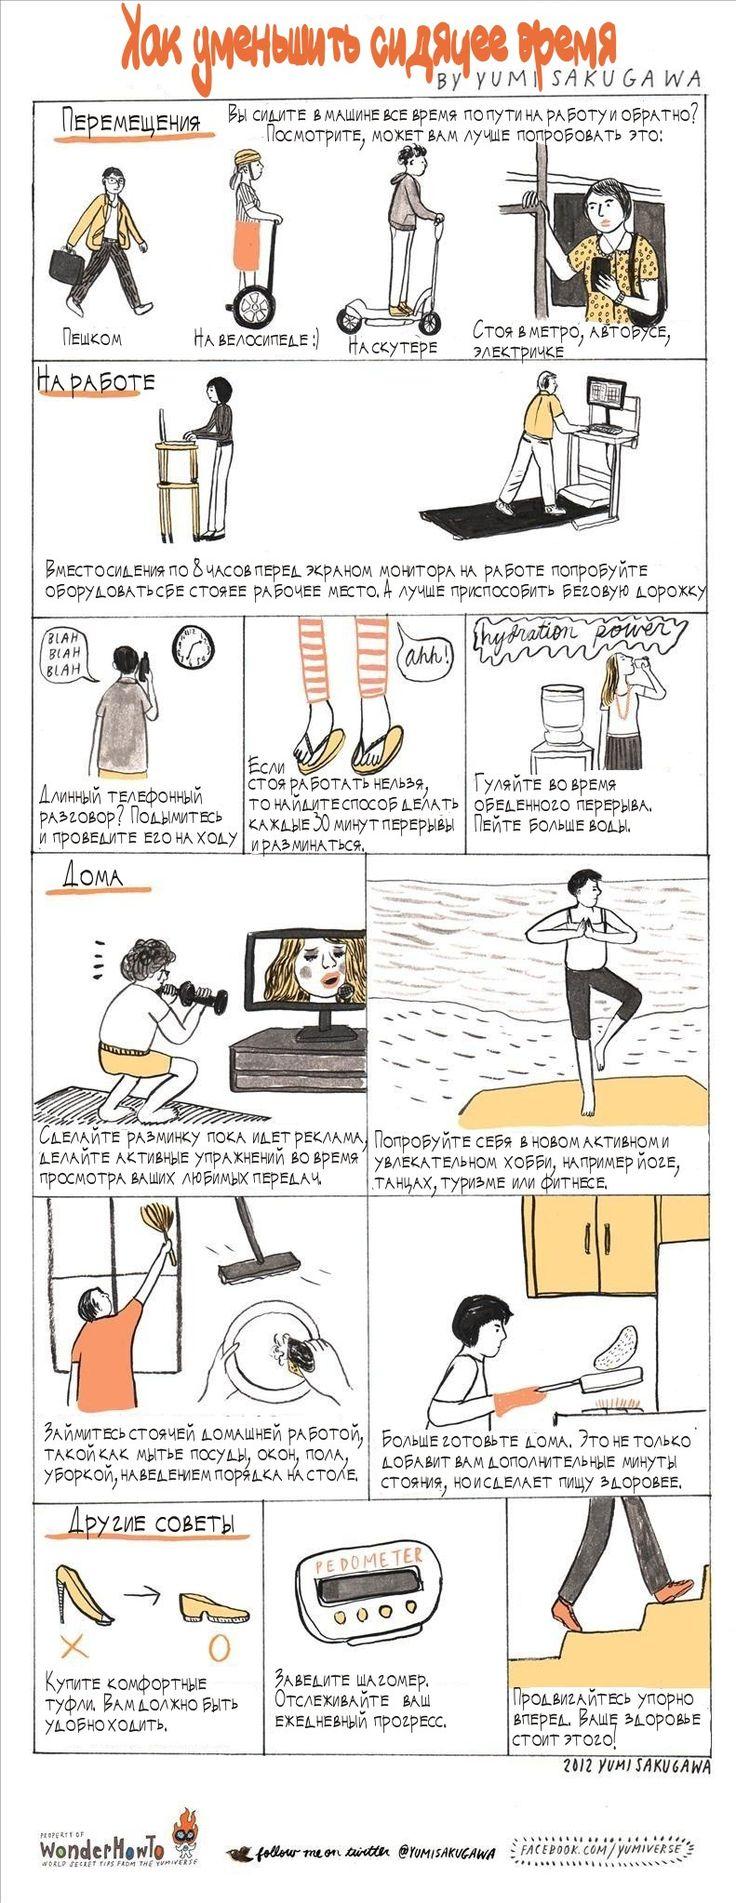 ИНФОГРАФИКА: Как уменьшить свое сидячее время